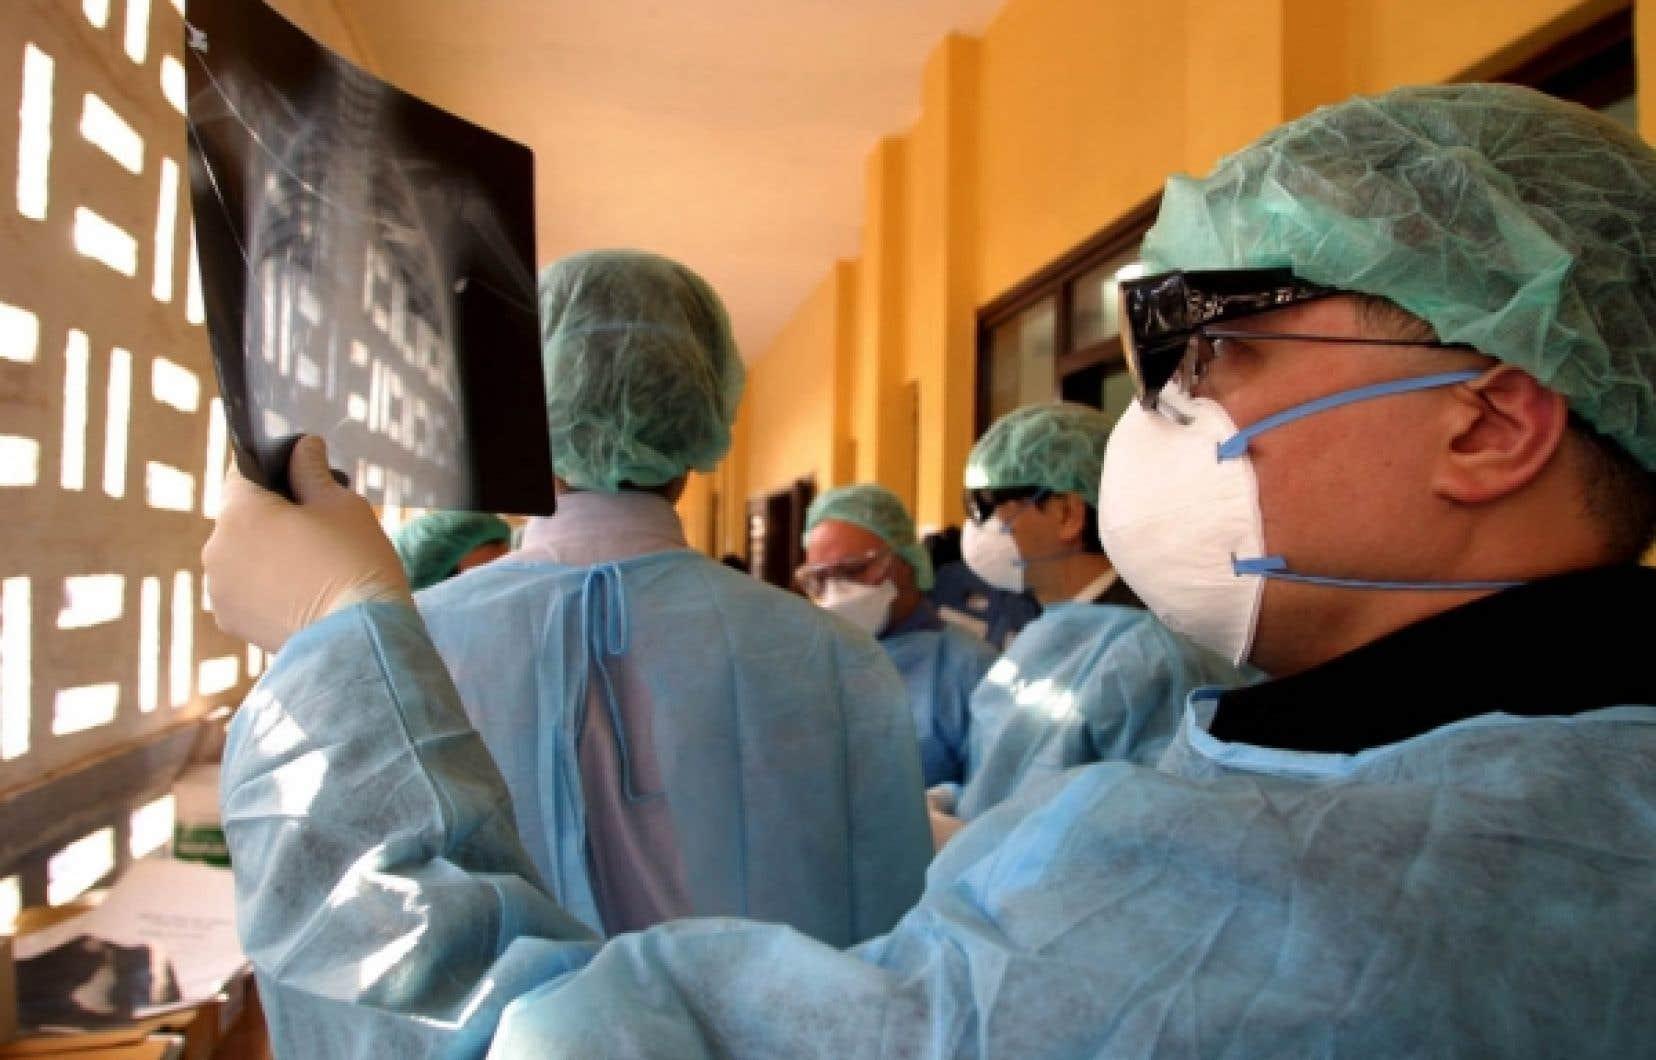 Il est particulièrement important pour les chercheurs d'établir des rapports avec les gens du secteur de la santé.